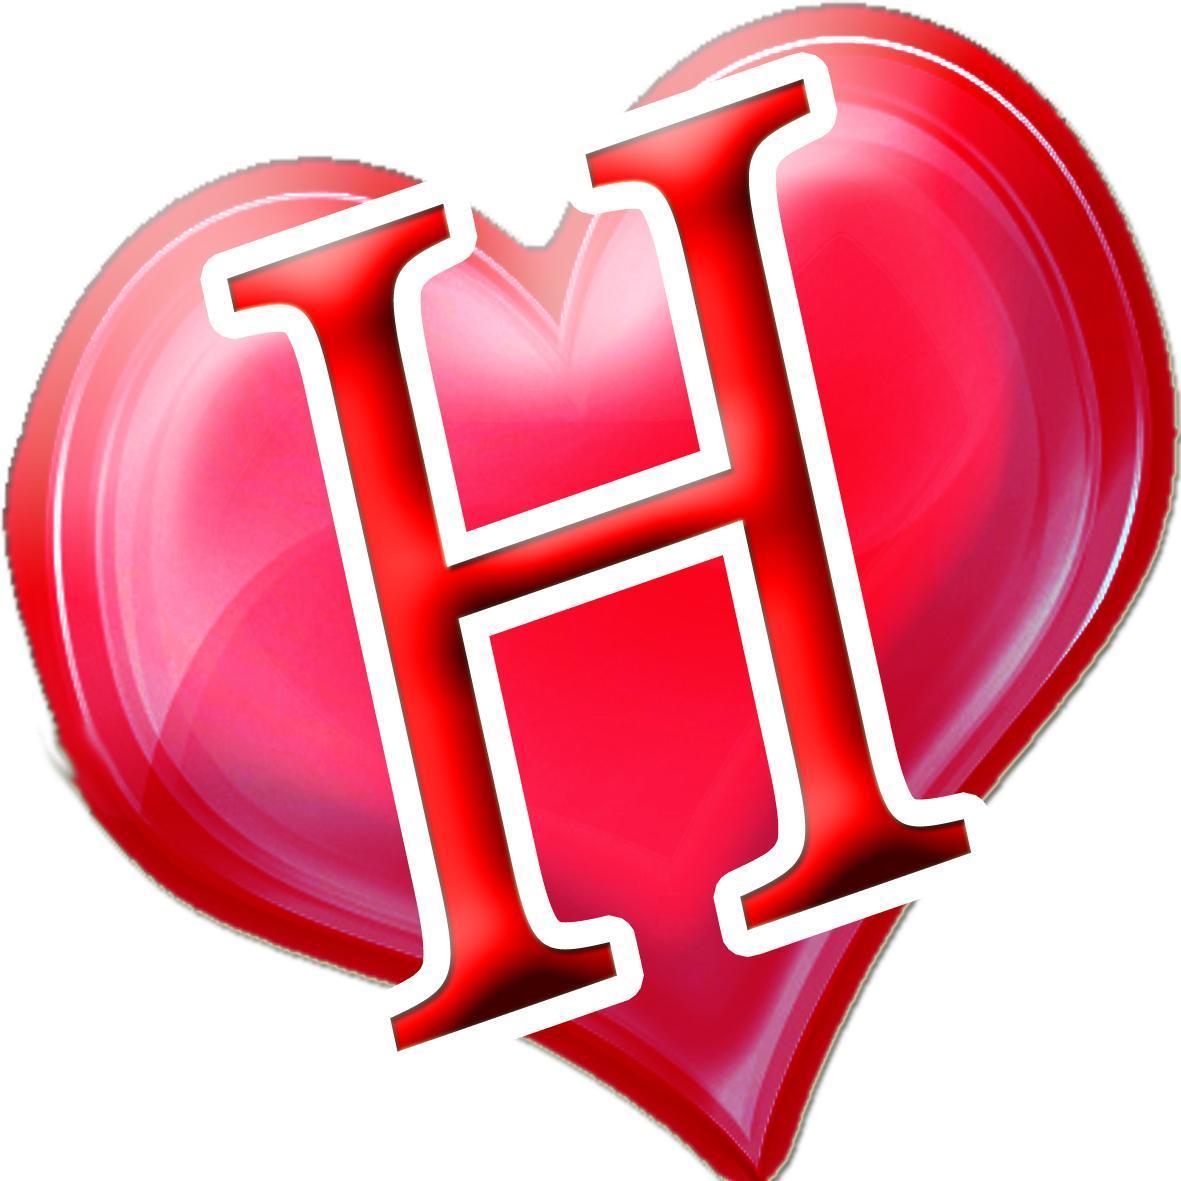 صورة صور حرف ال h , حرف ال h بااطارات مميزه